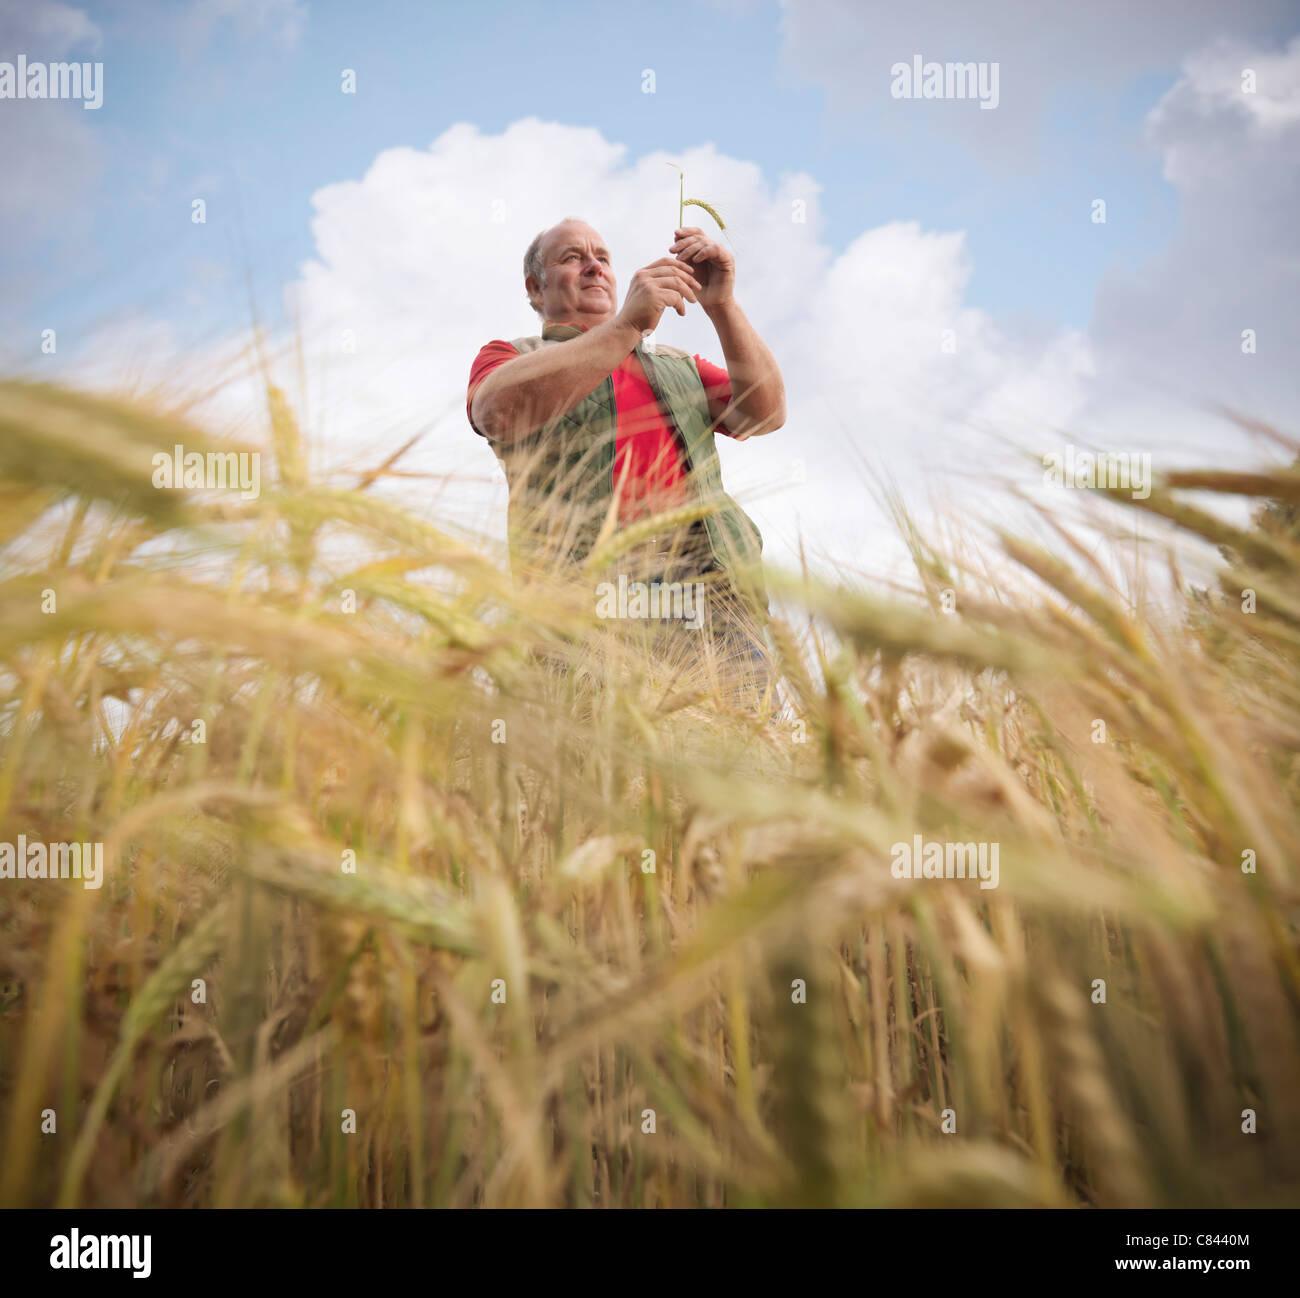 Farmer examining barley stalks in field - Stock Image